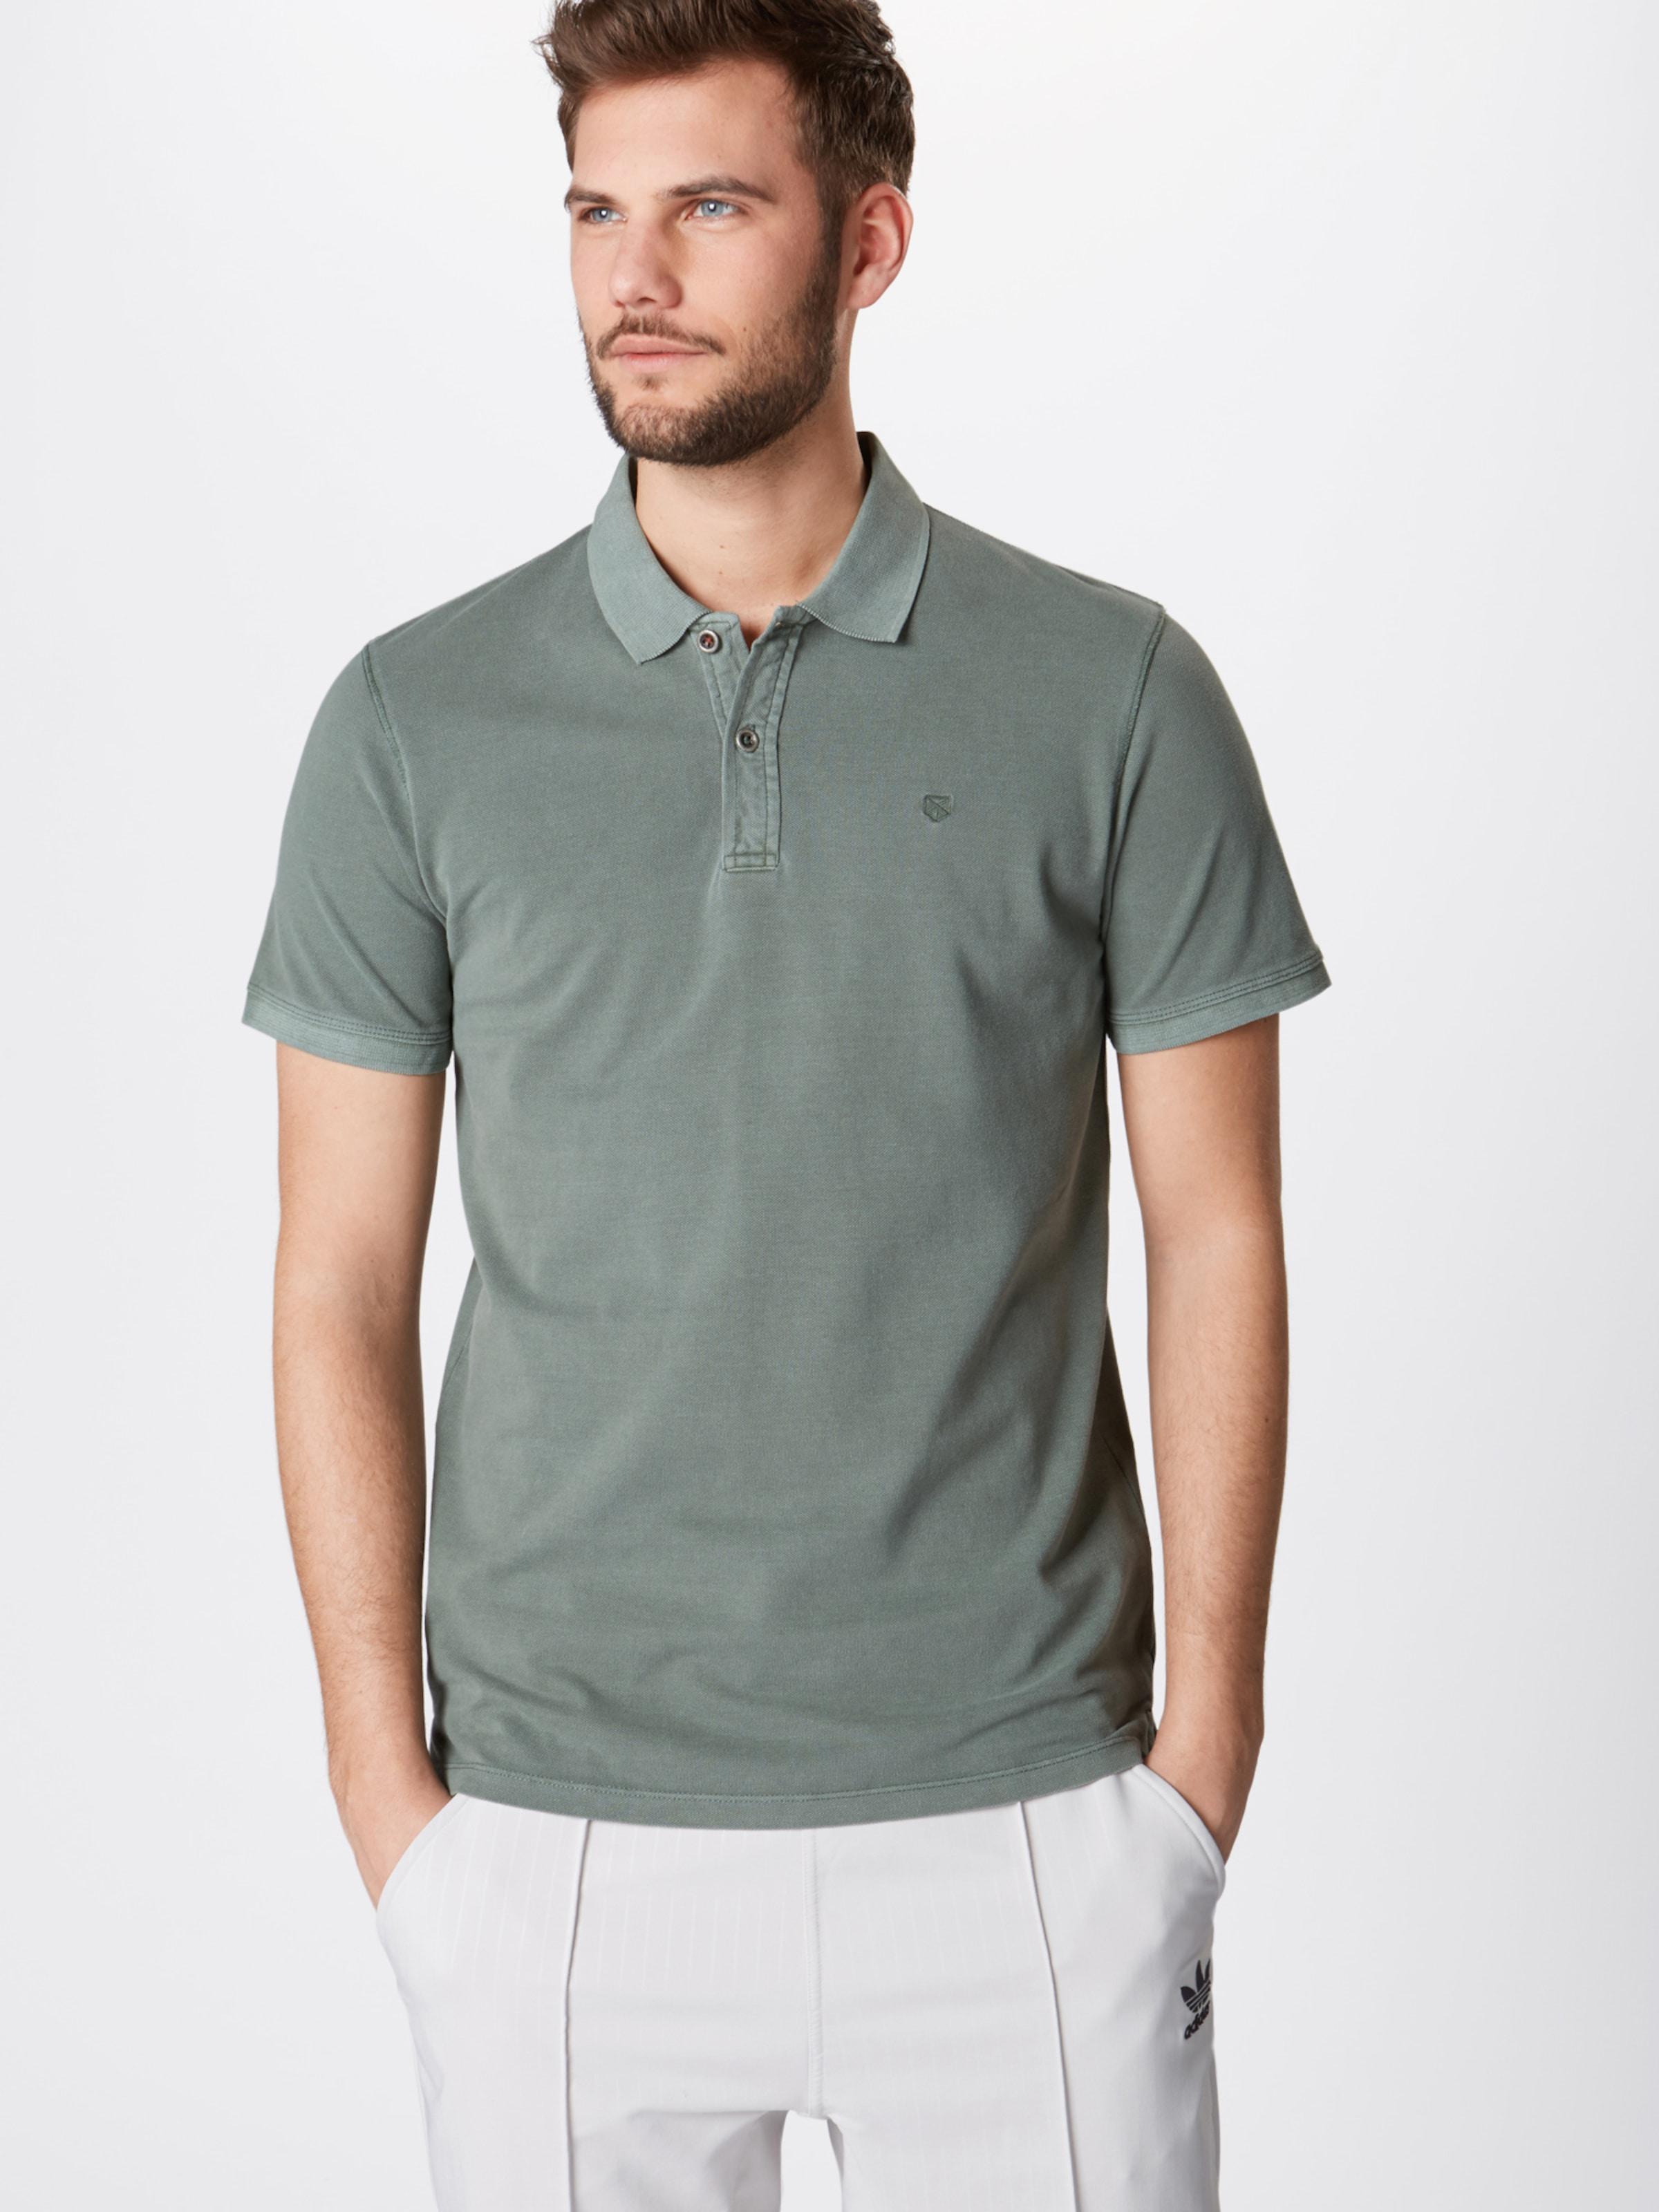 Jackamp; En Pastel T shirt Vert Jones nw8Pk0XNO